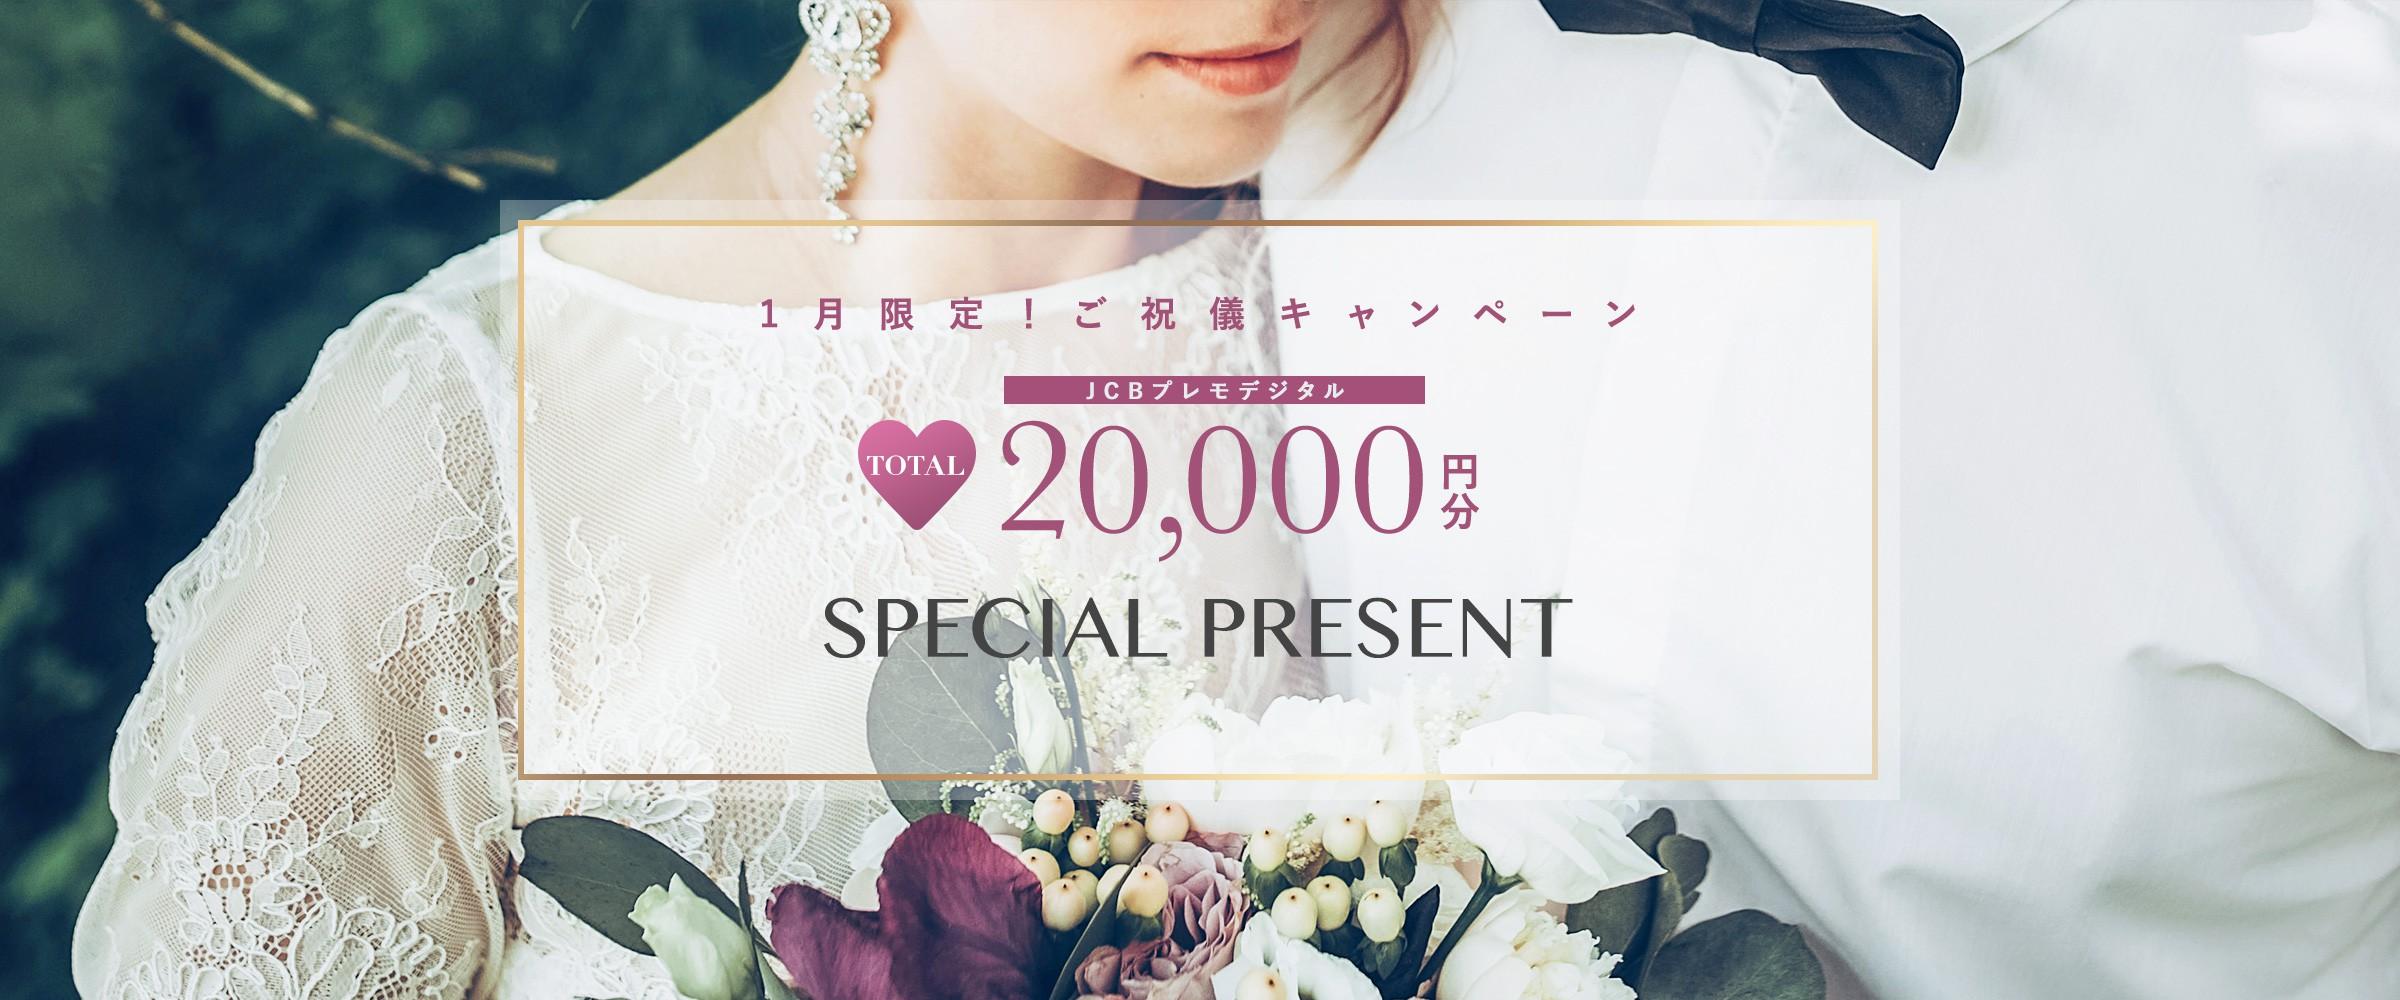 1月限定!ご祝儀キャンペーン最大20,000分JCBプレモデジタルSPECIAL PRESENT